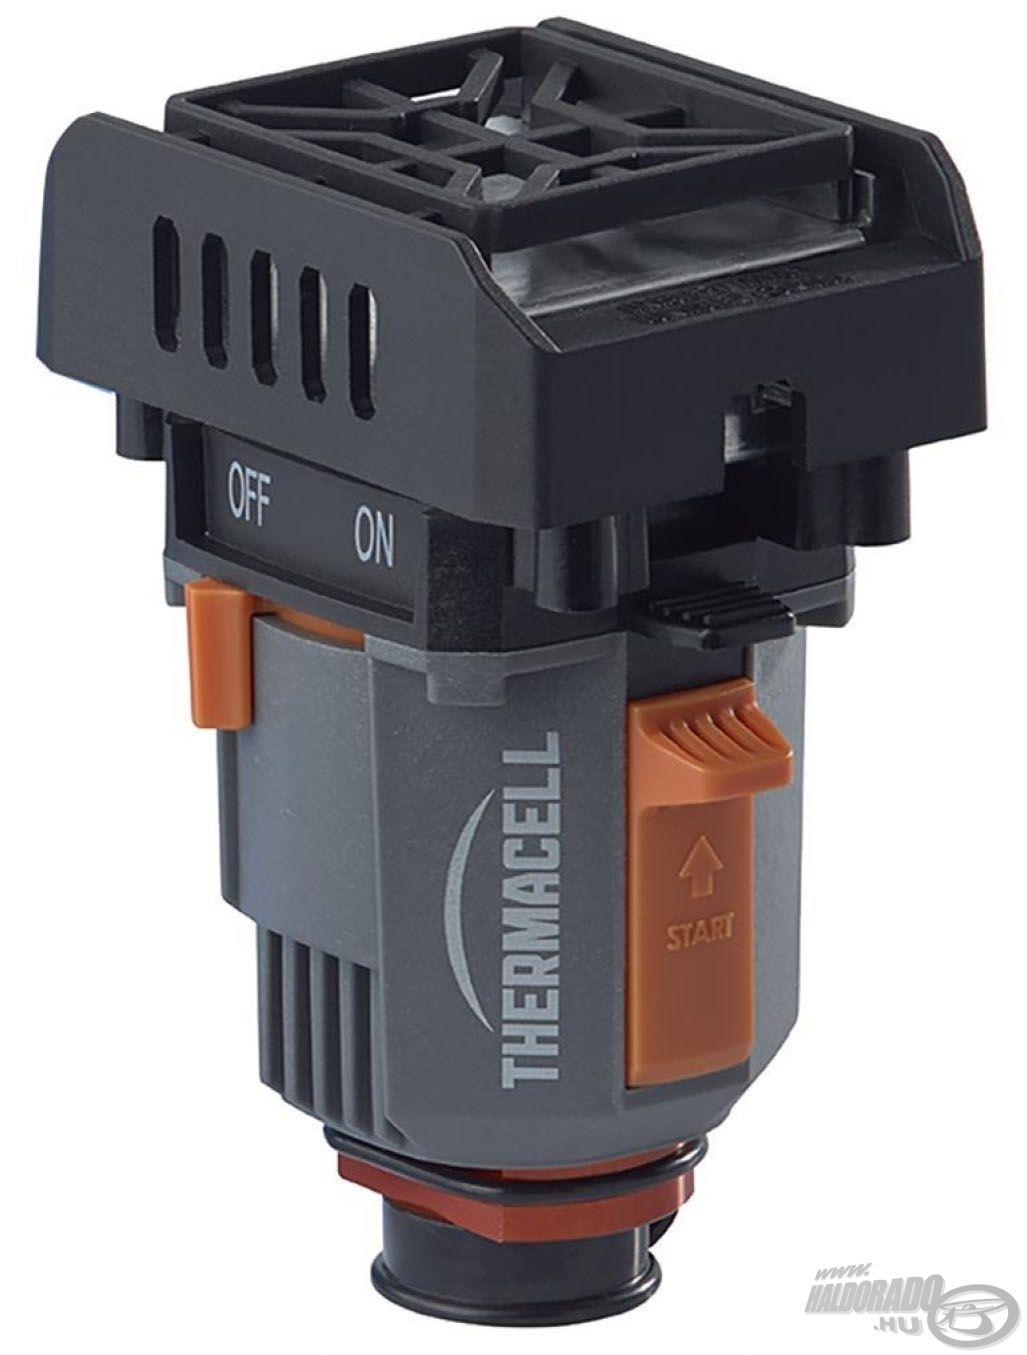 Ez a ThermaCELL készülék erre alkalmas gázpalackról működtethető. Kifejezetten kempingezőknek és világjáróknak ajánlott